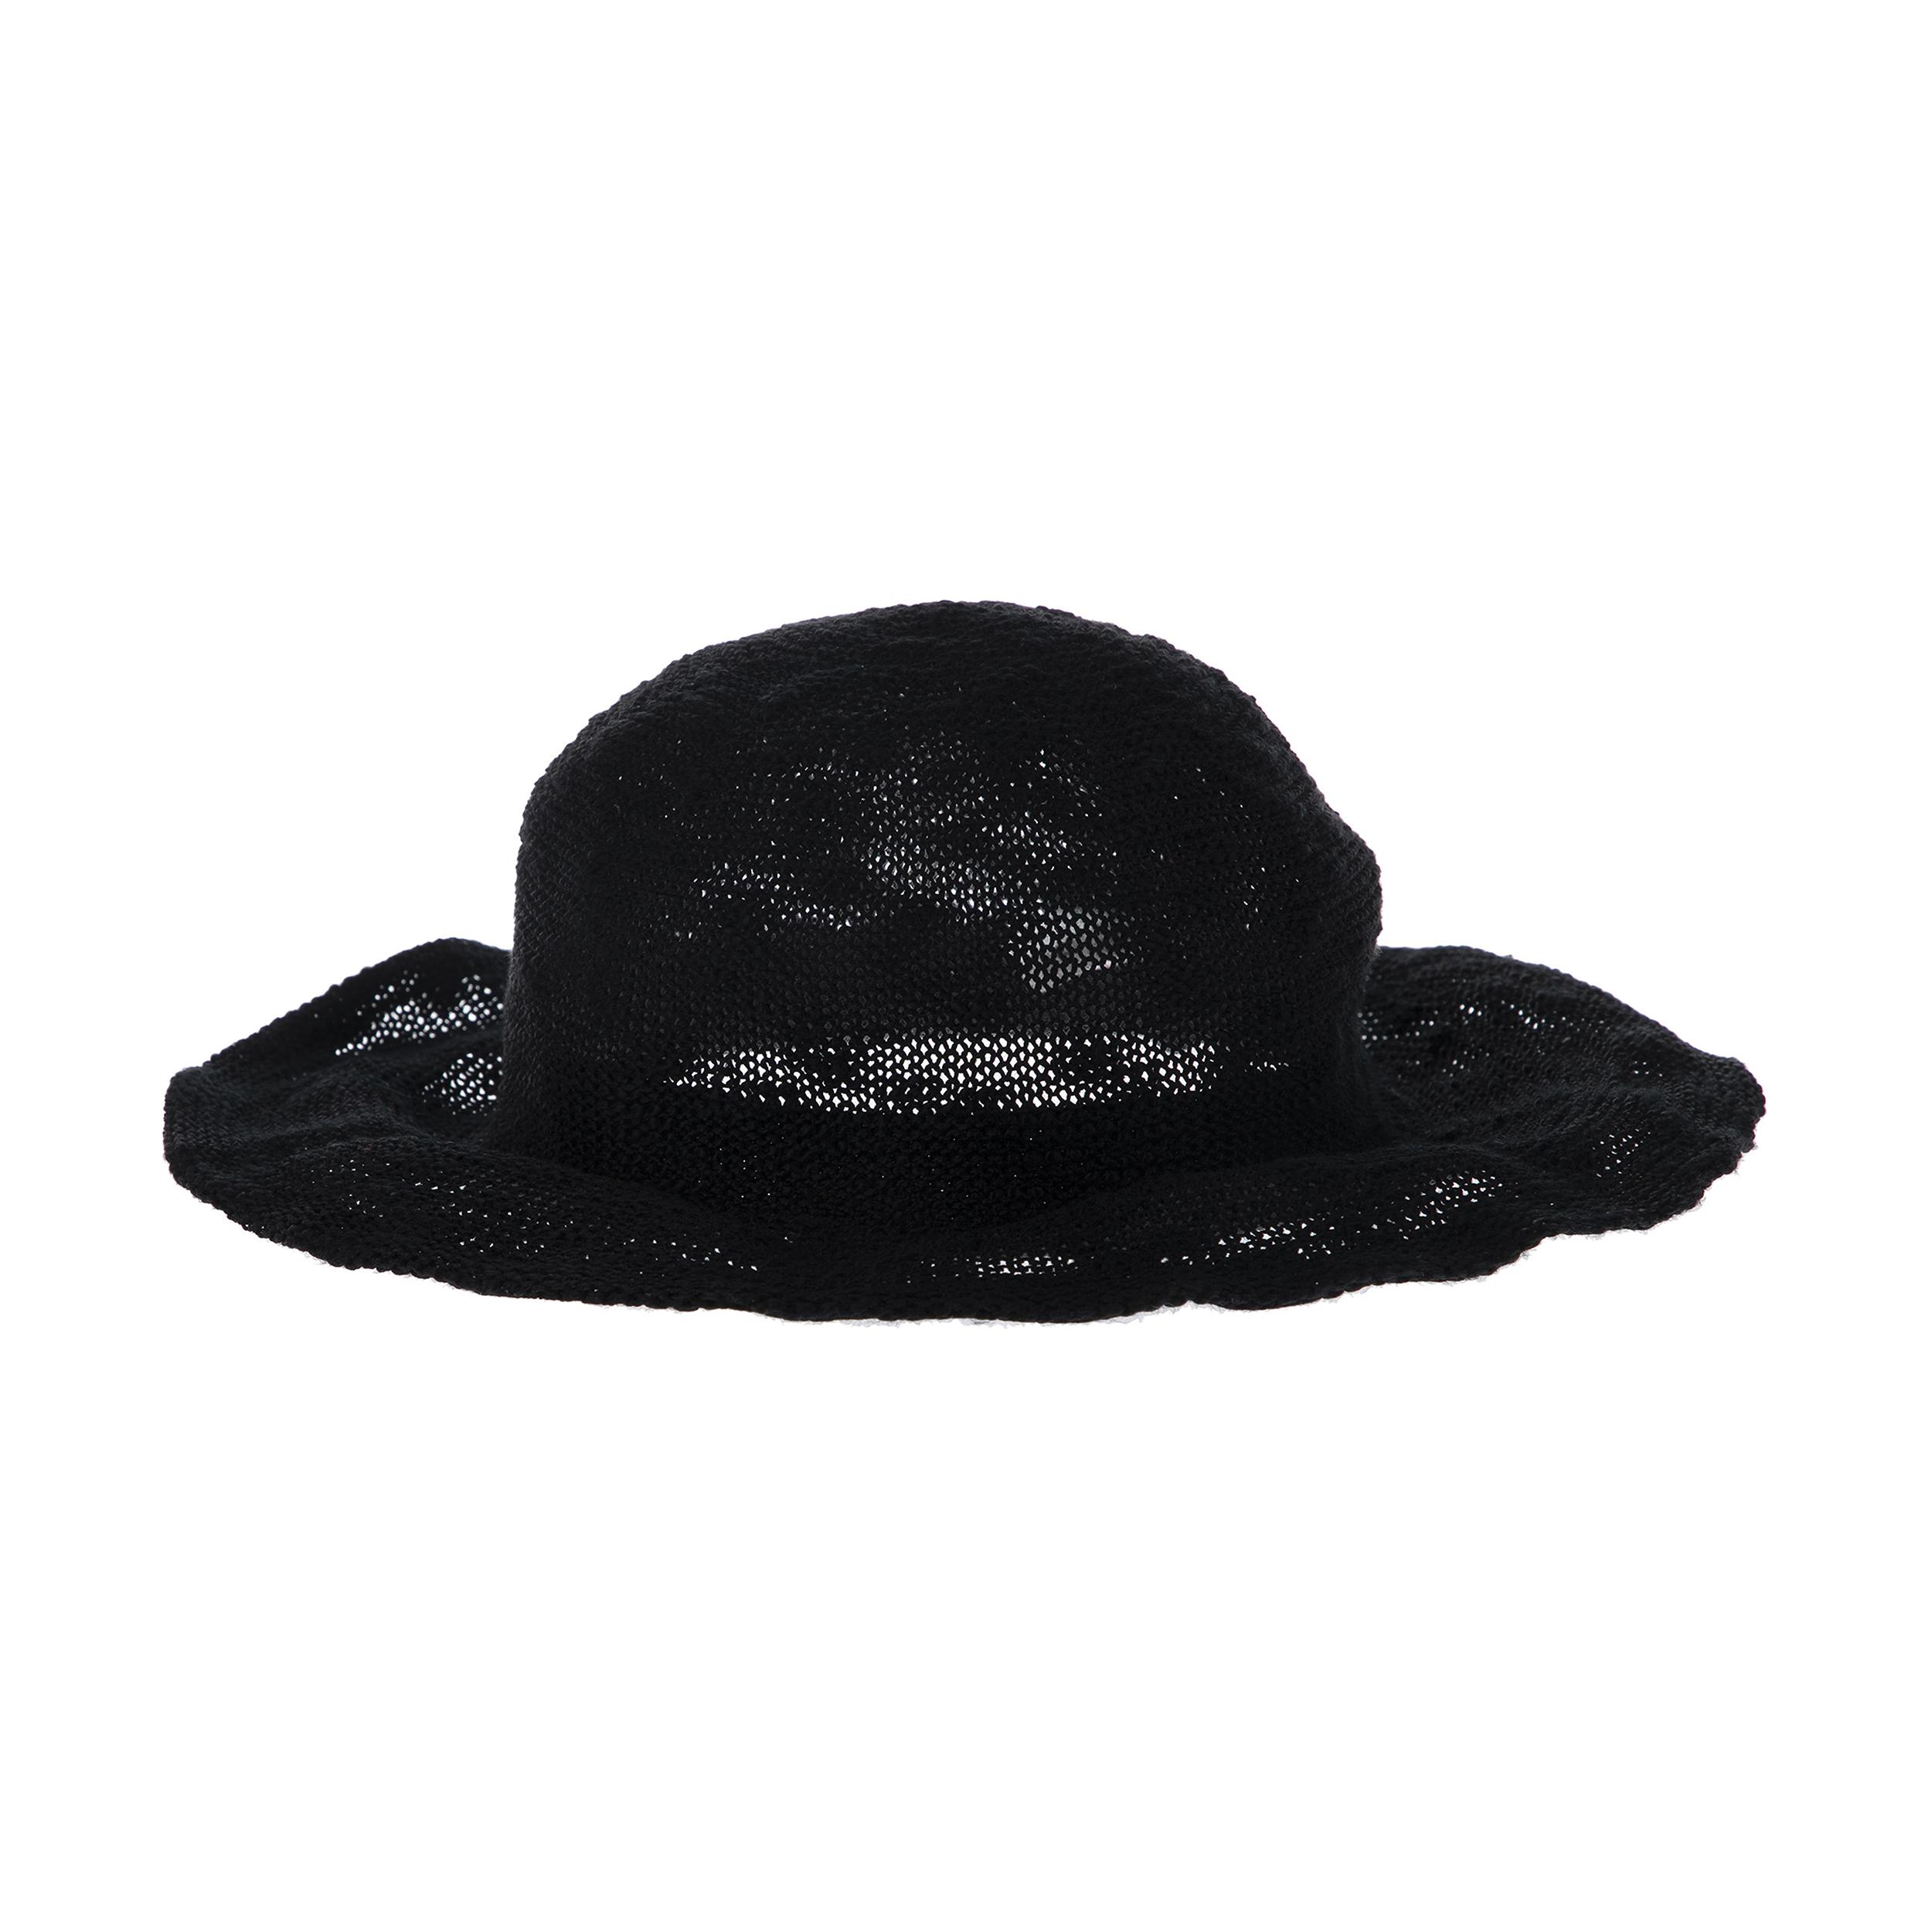 کلاه زنانه یوپیم مدل 5113589